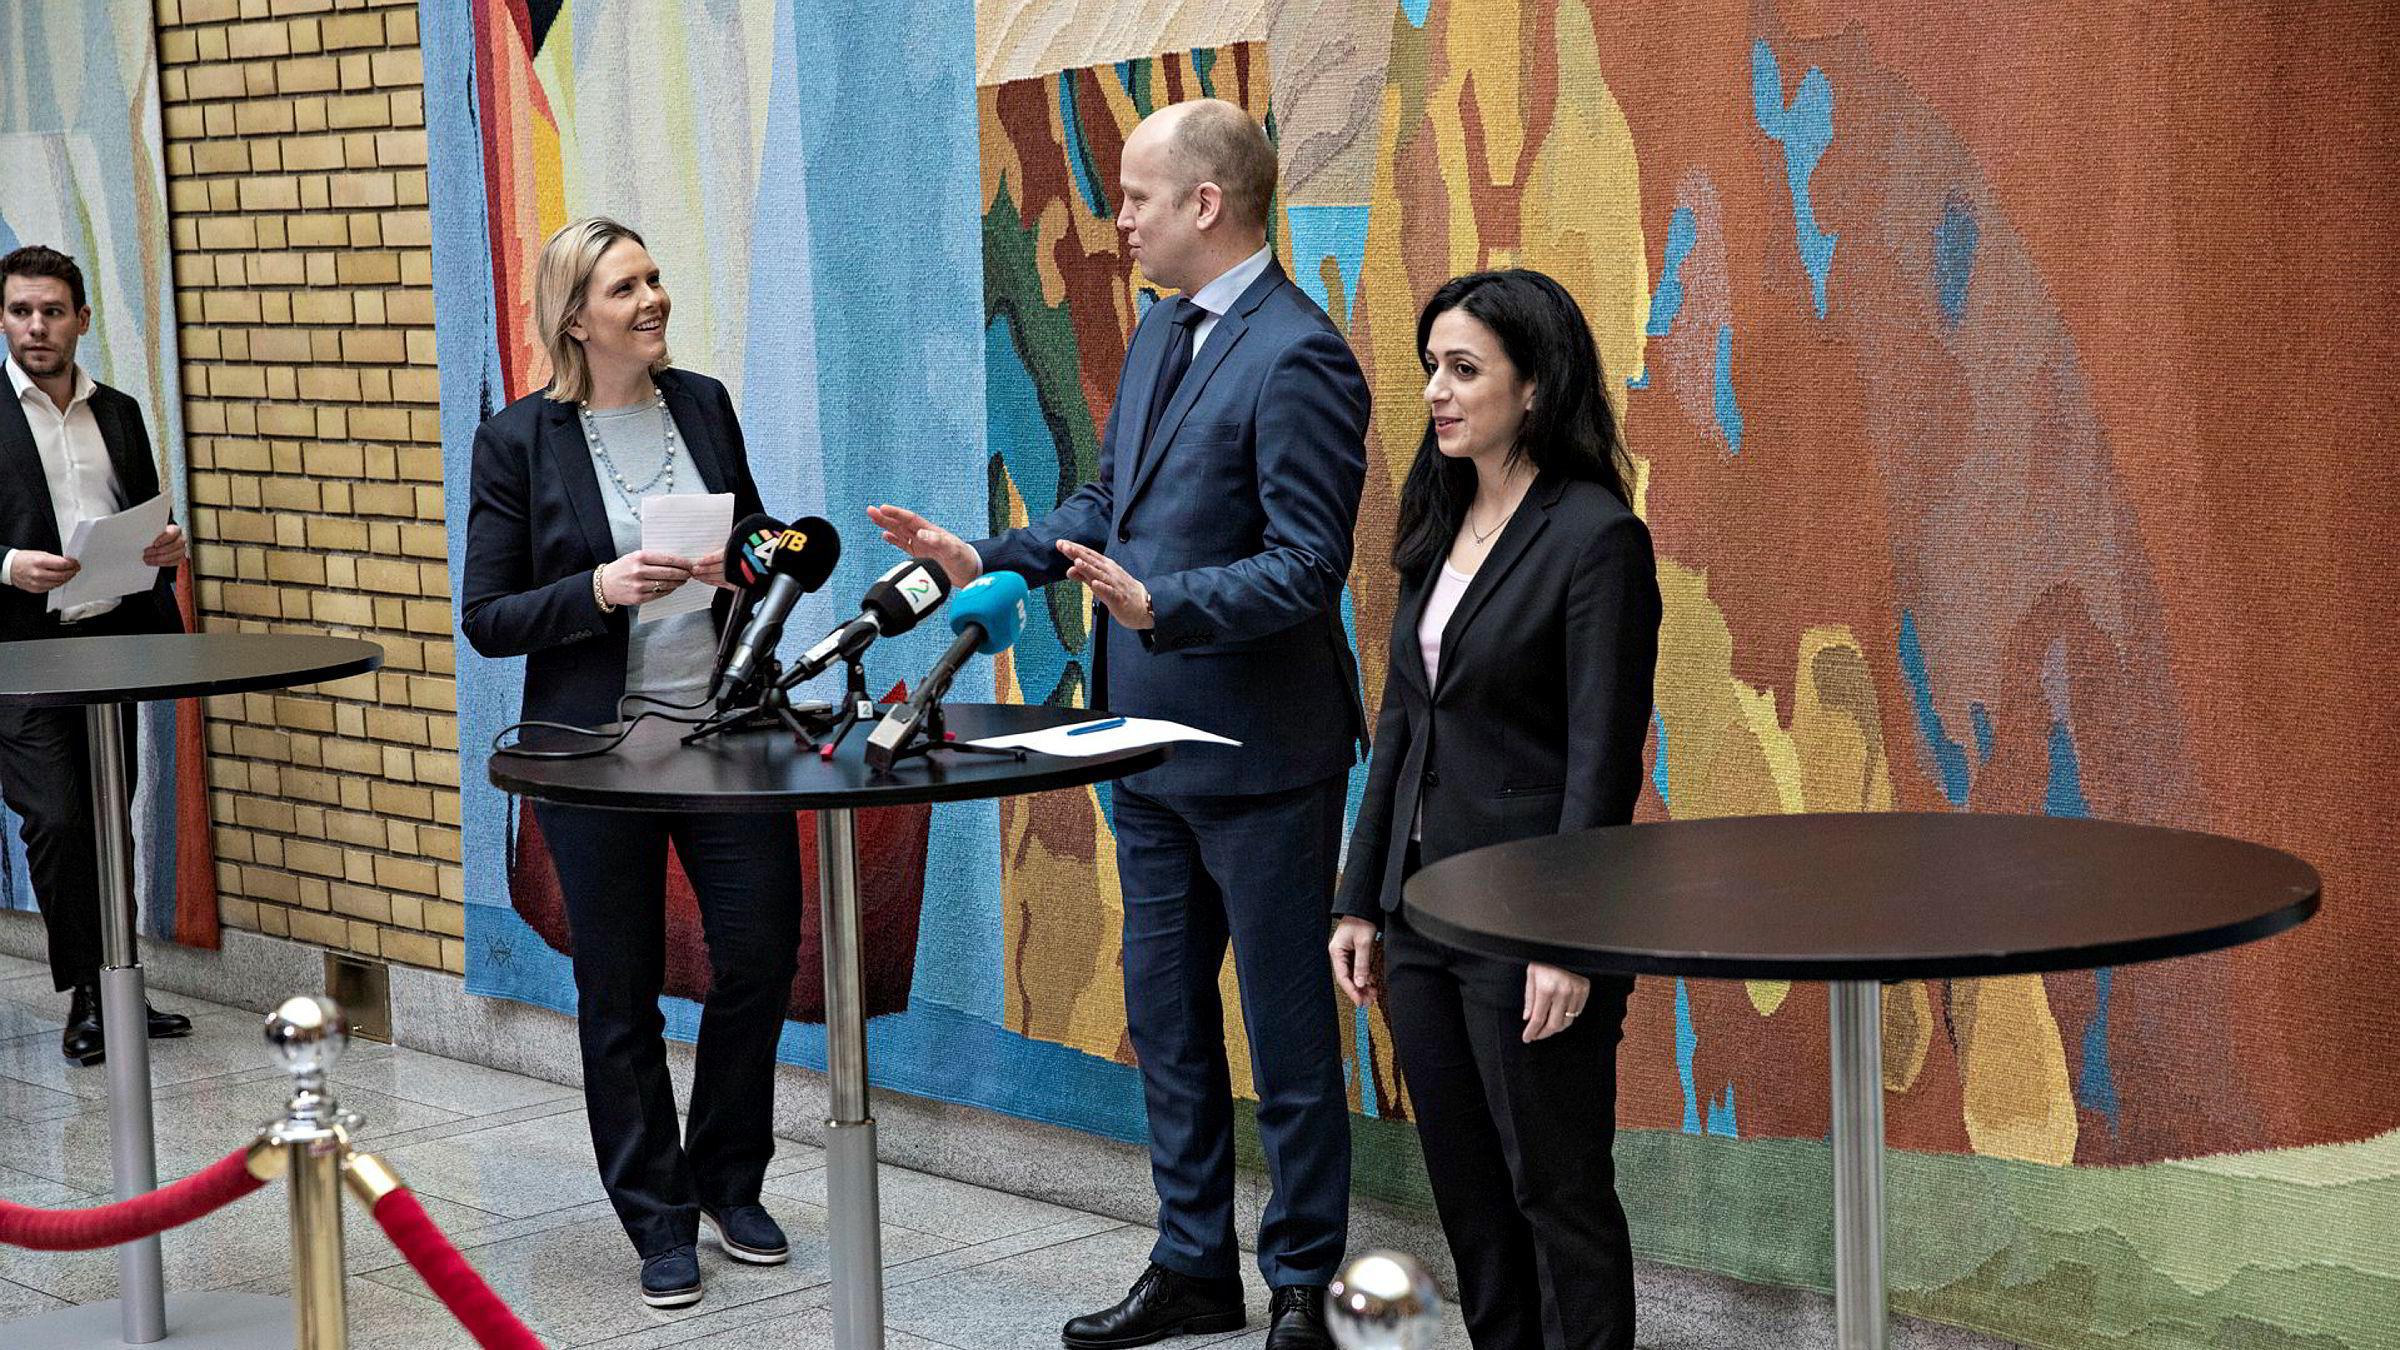 Finanskomiteen på Stortinget har i flere omganger forhandlet med regjeringen om krisepakker. Fra venstre: Sylvi Listhaug, Trygve Slagsvold Vedum og Hadia Tajik.